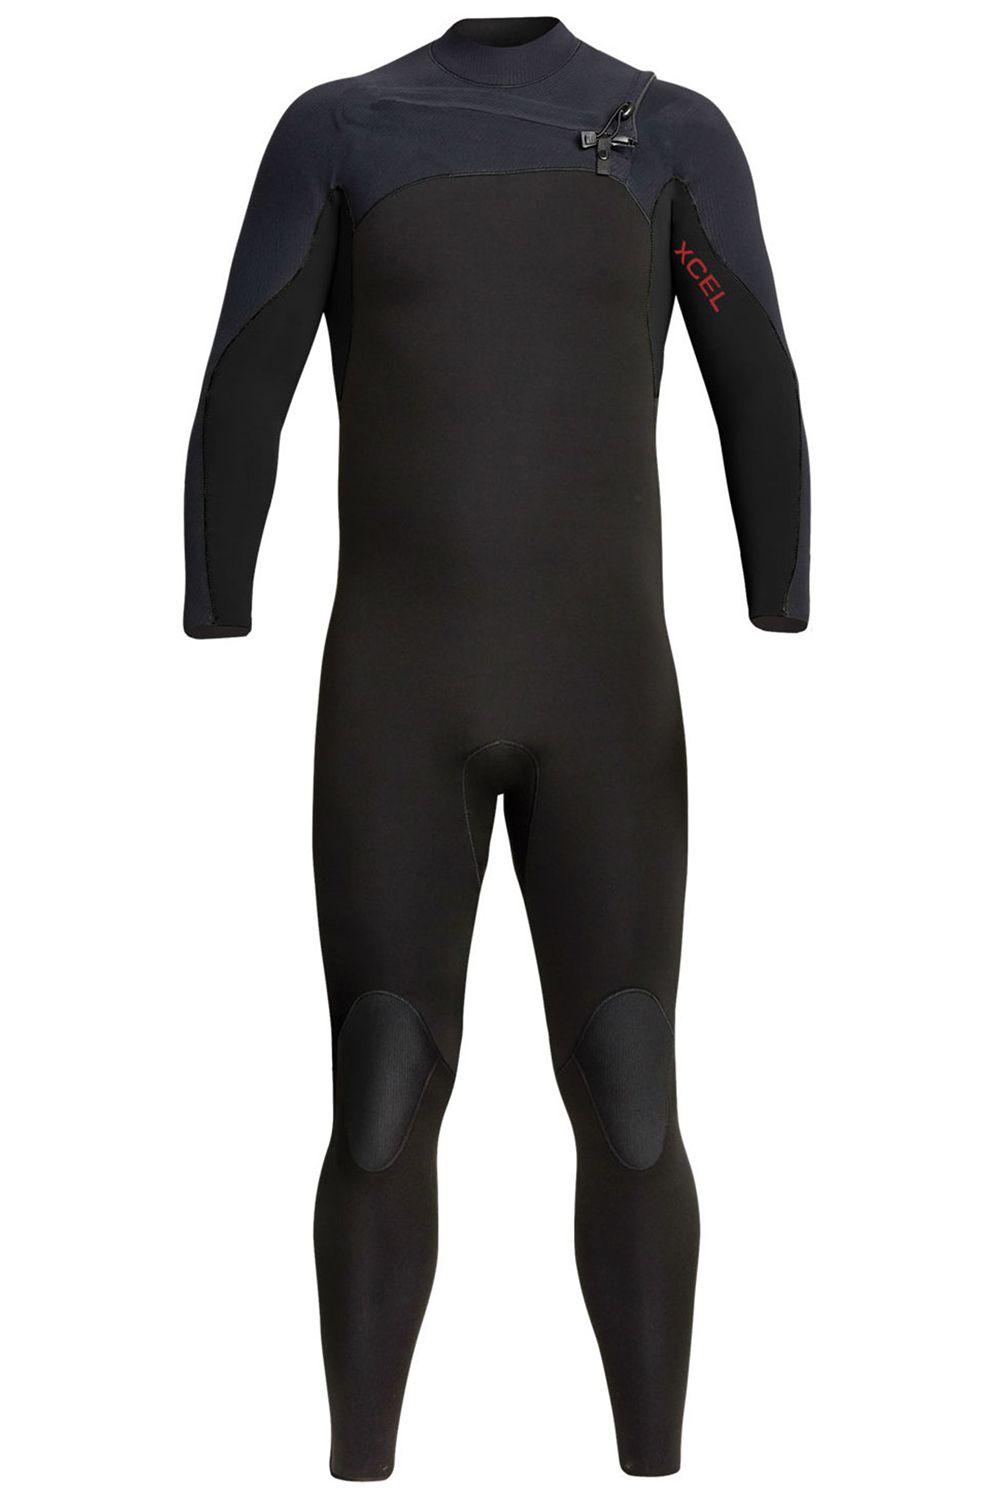 Xcel Wetsuit MEN'S PHOENIX 4/3MM - X2 FULLSUIT Black/Graphite/Black 4x3mm